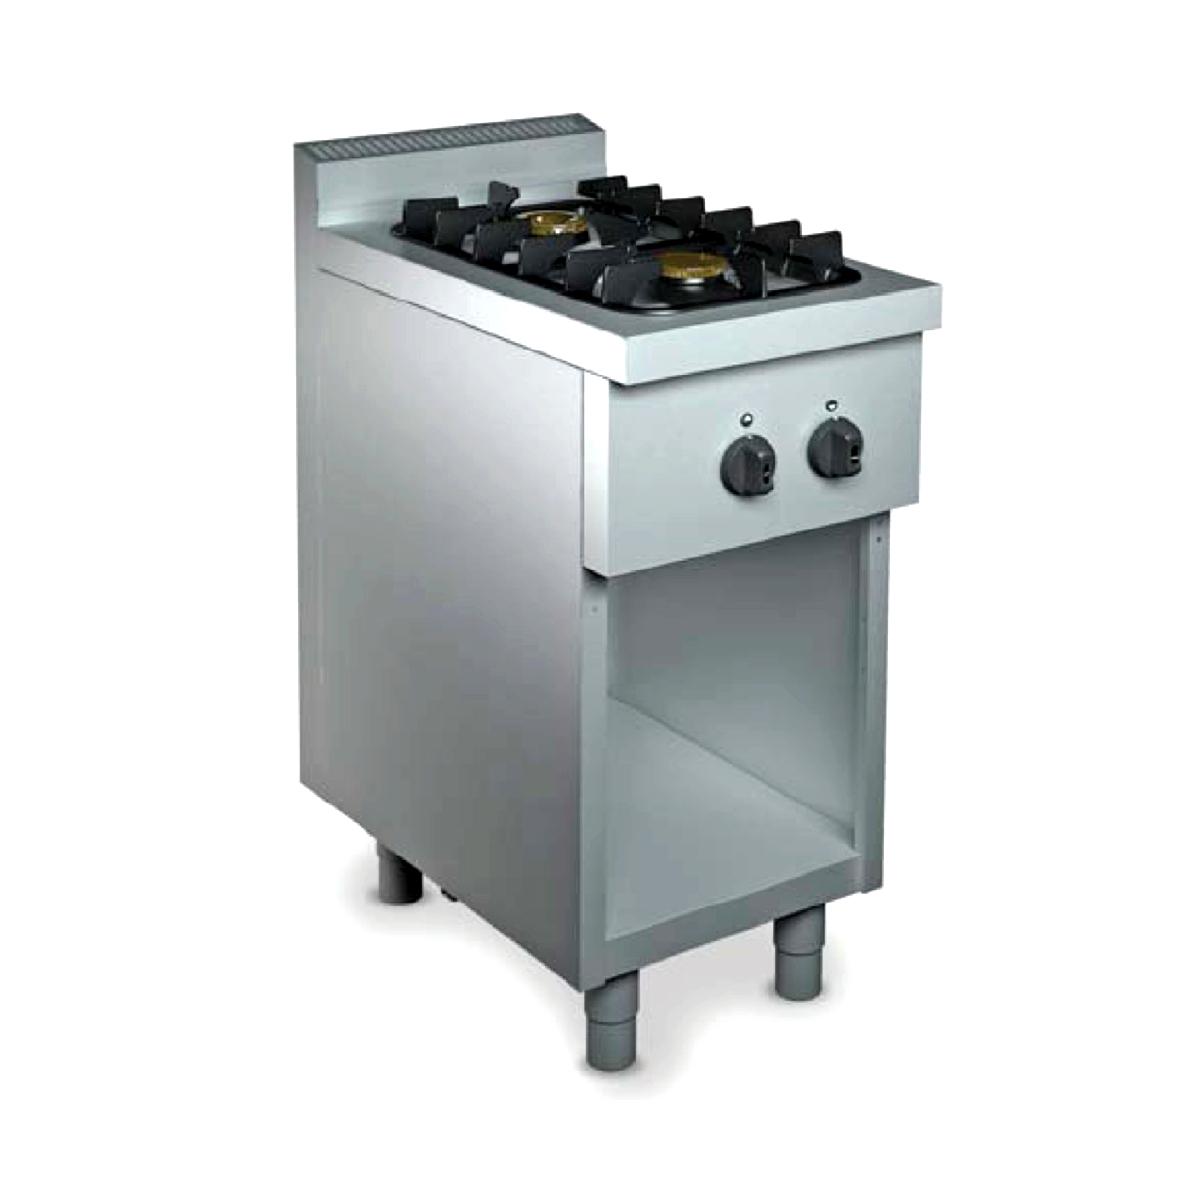 Cucina professionale due fuochi Gas su armadio 9 kW